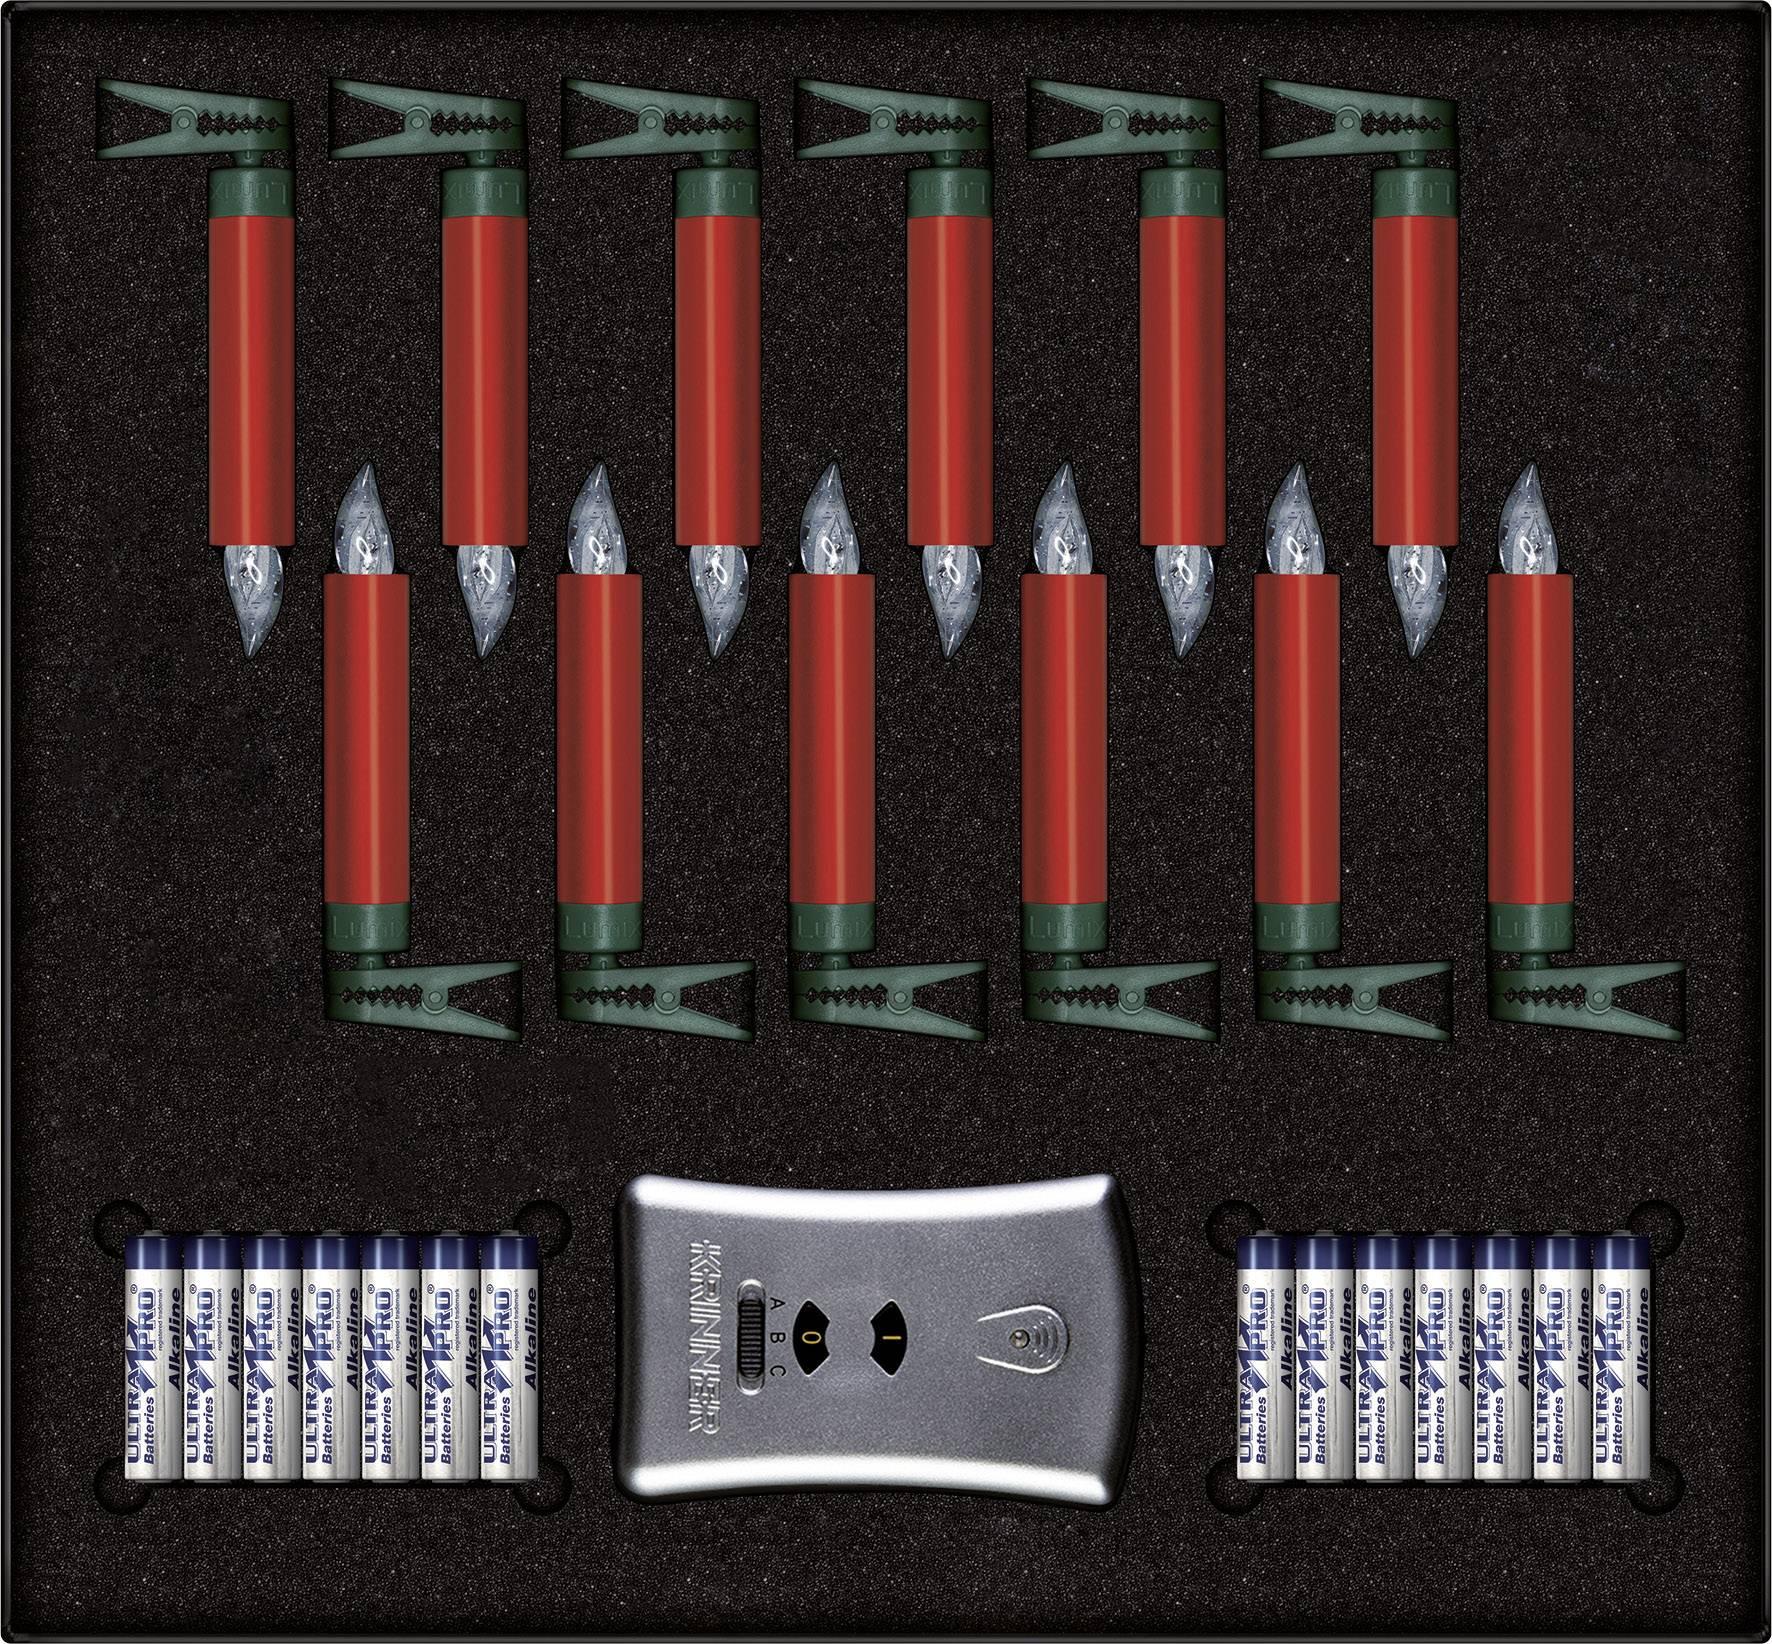 kerstboomverlichting binnen werkt op batterijen 12 led warm wit rood krinner premium mini